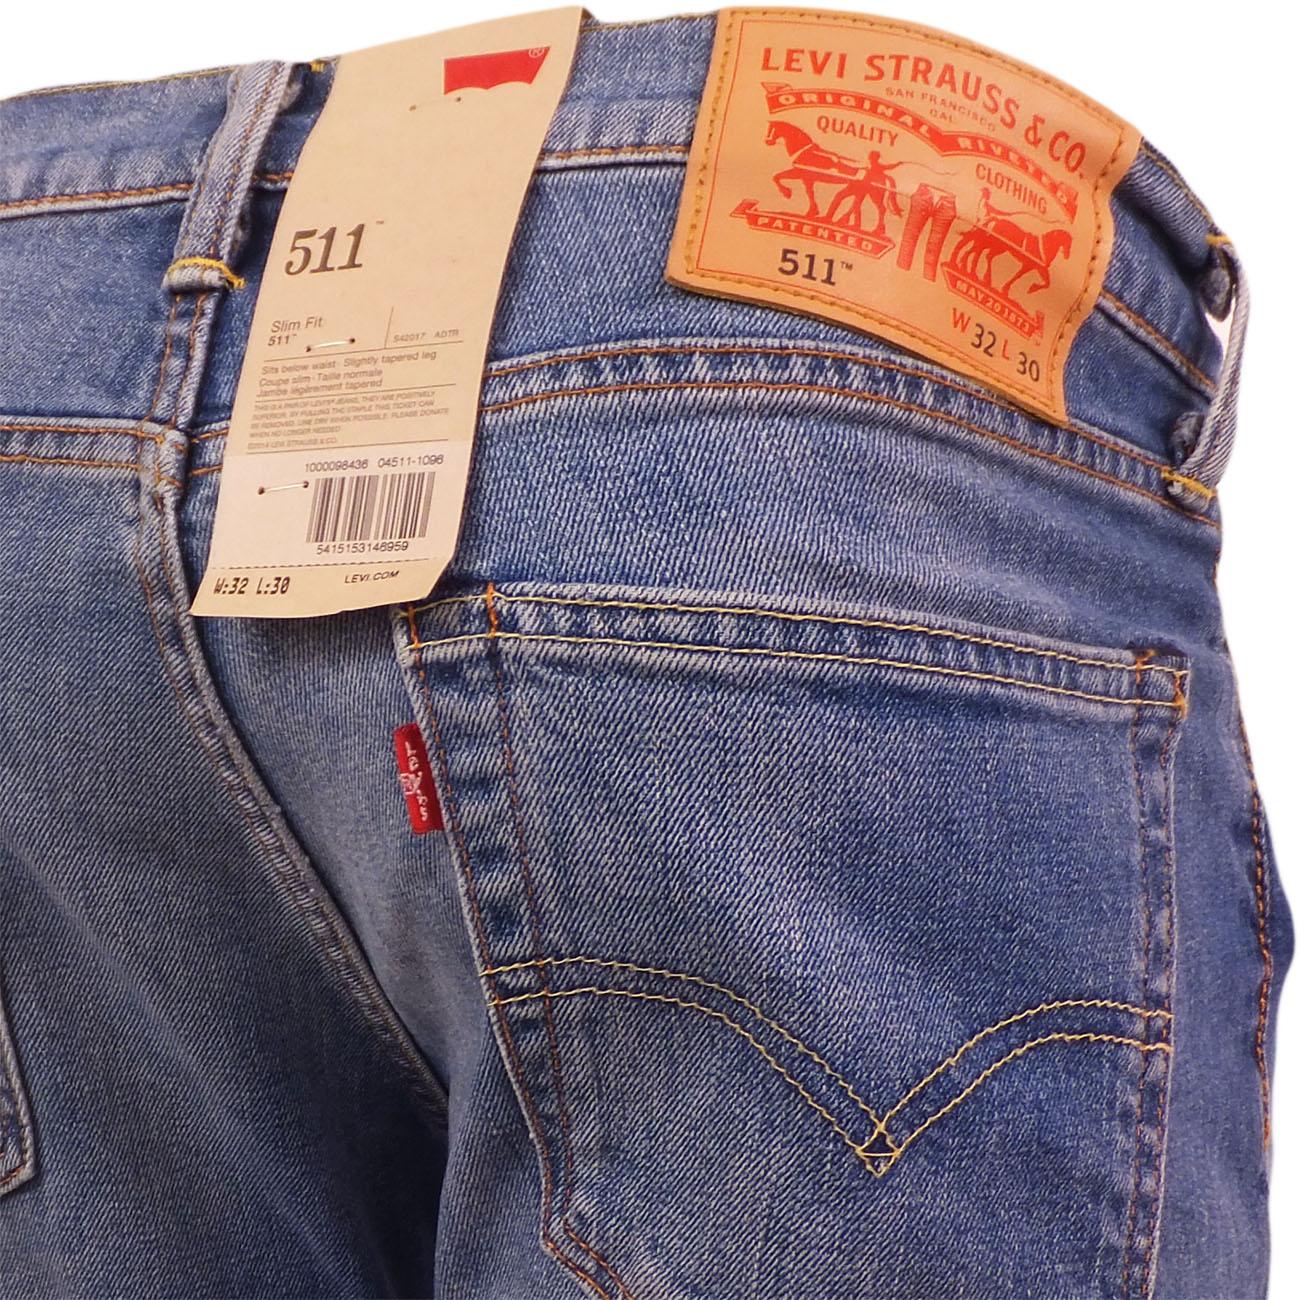 Levi's 511 slim fit jeans harbour